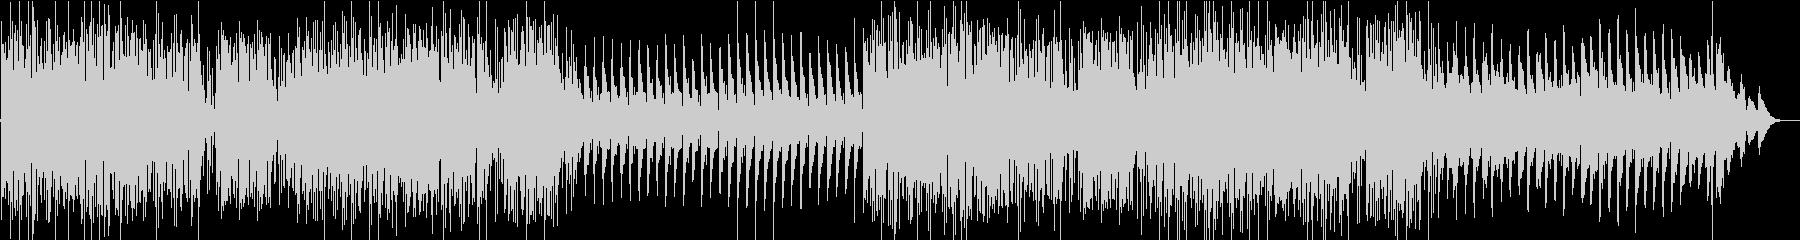 勢いのあるドラムとピアノから始まるBGMの未再生の波形